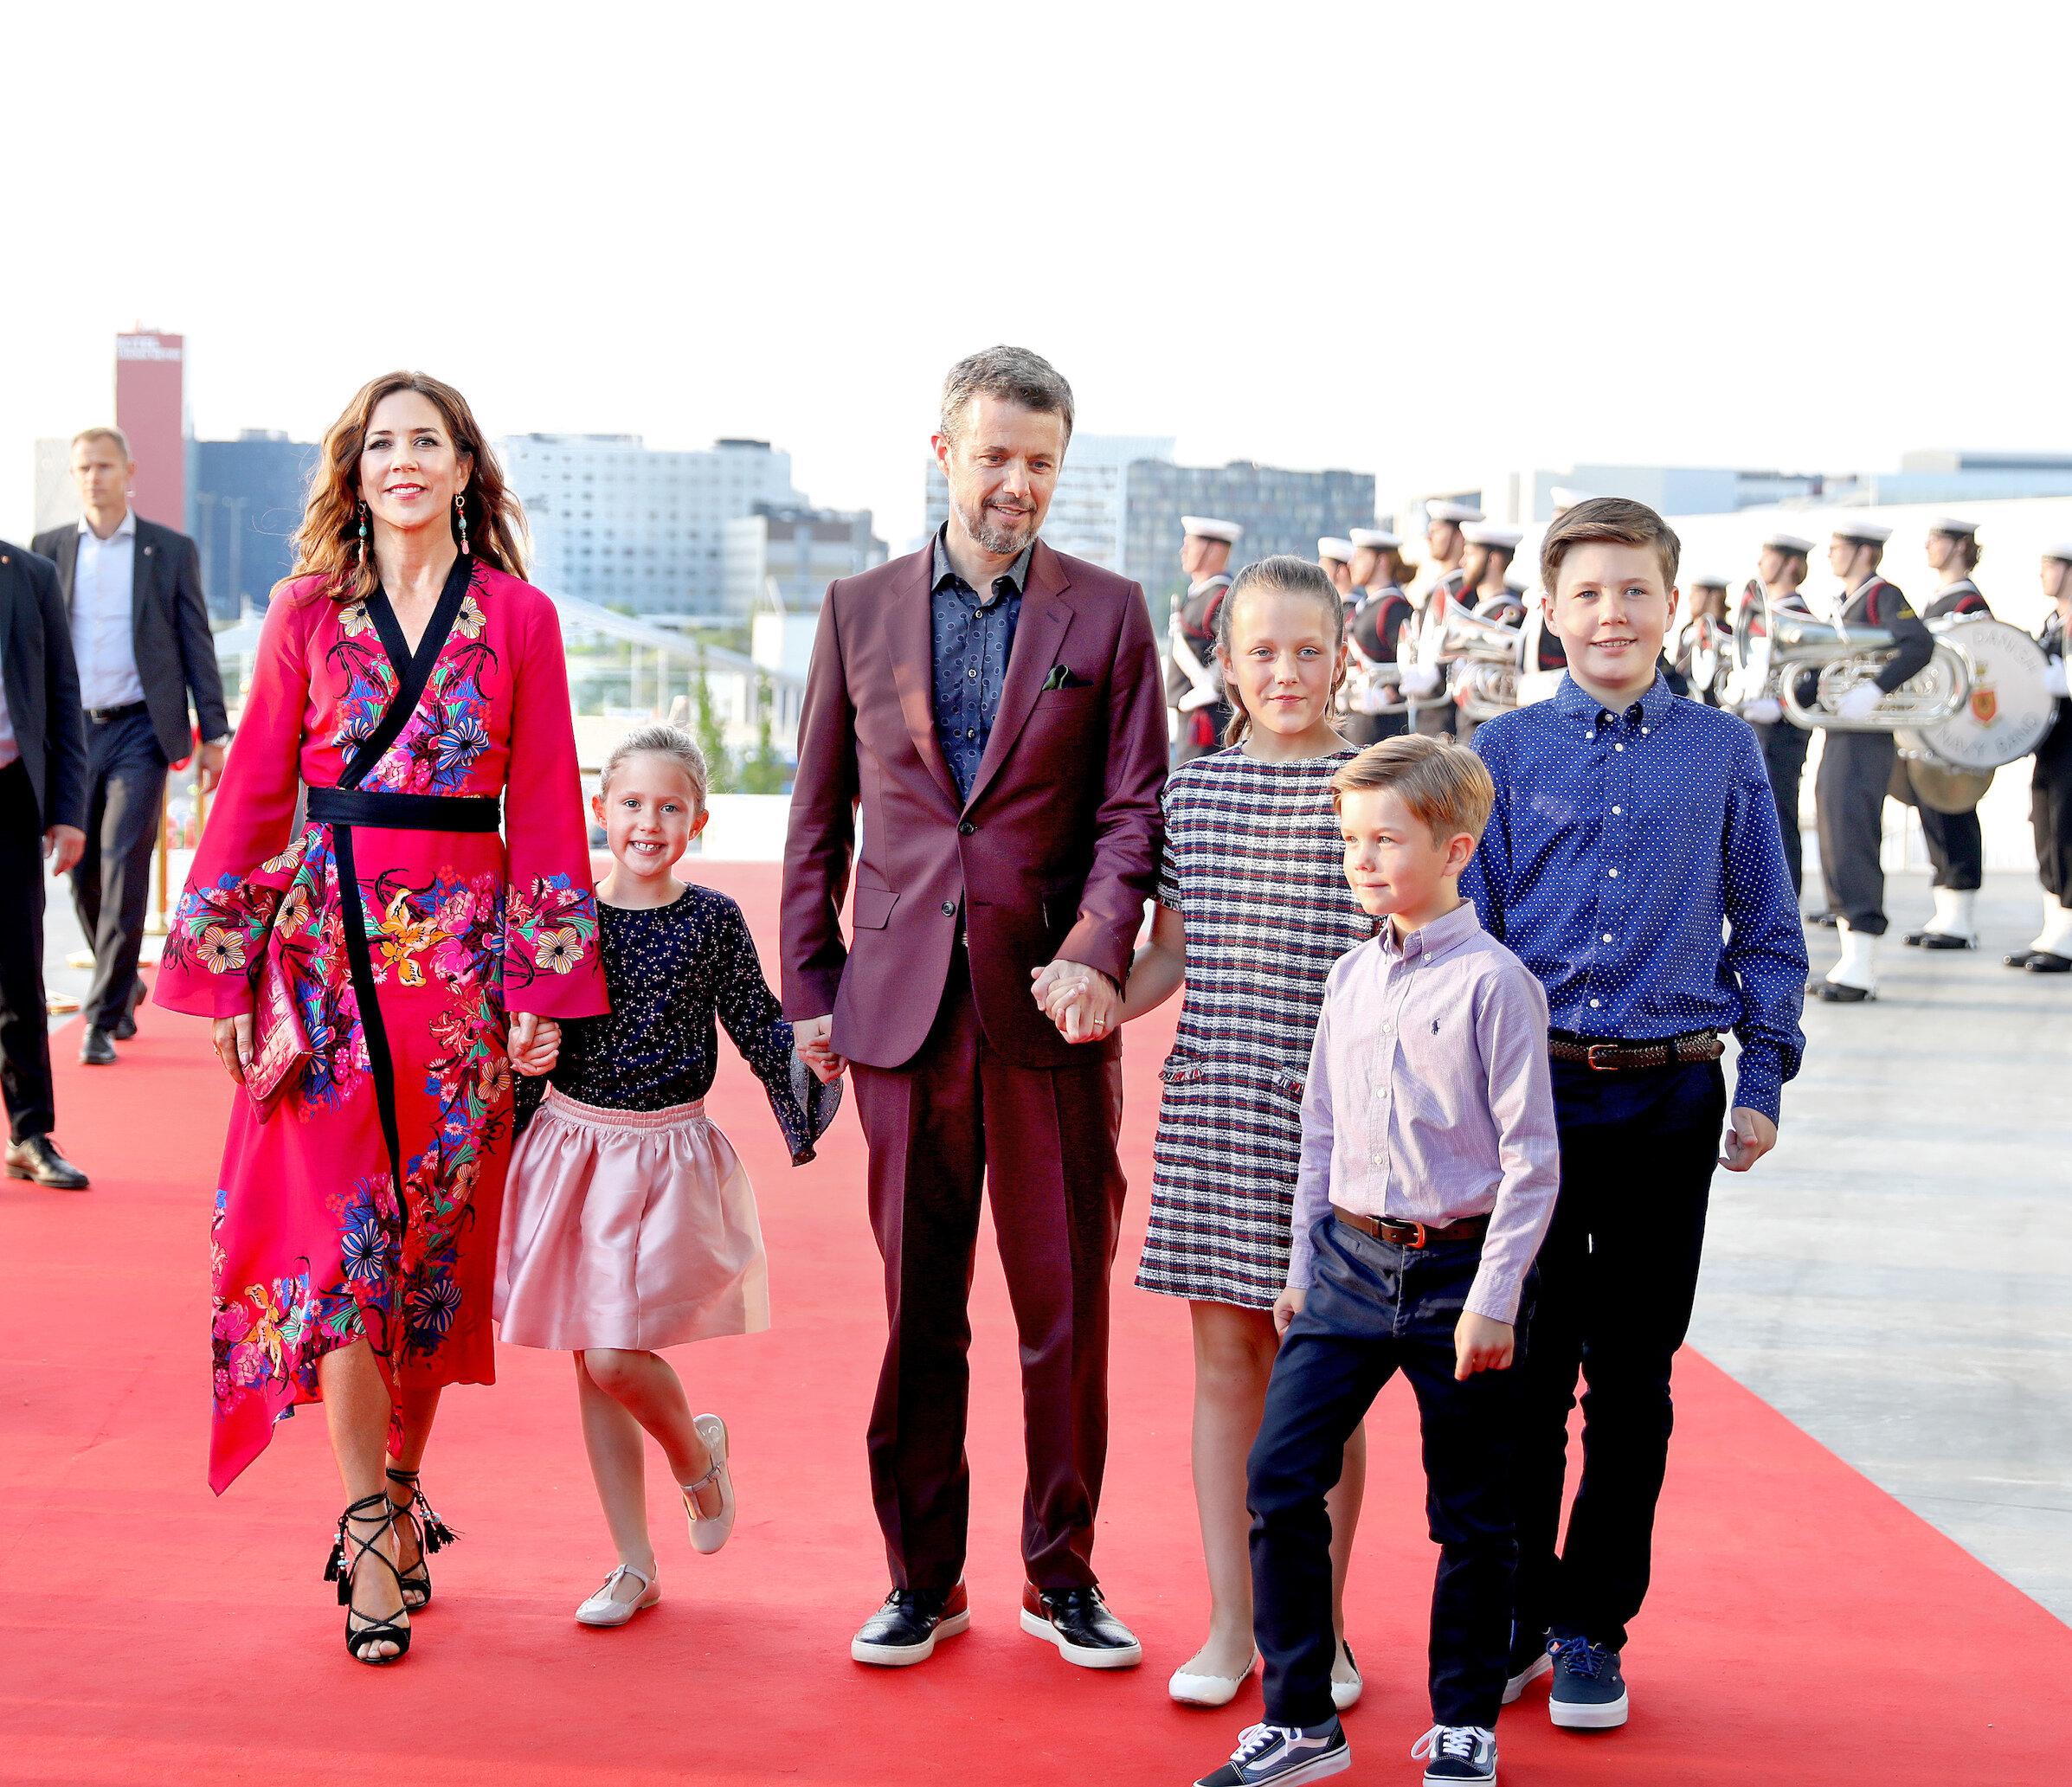 Kronprinzessin Mary und Kronprinz Frederik müssen Abschied von ihren Kindern Josephine, Isabella, Vincent und Christian nehmen.  © DPA